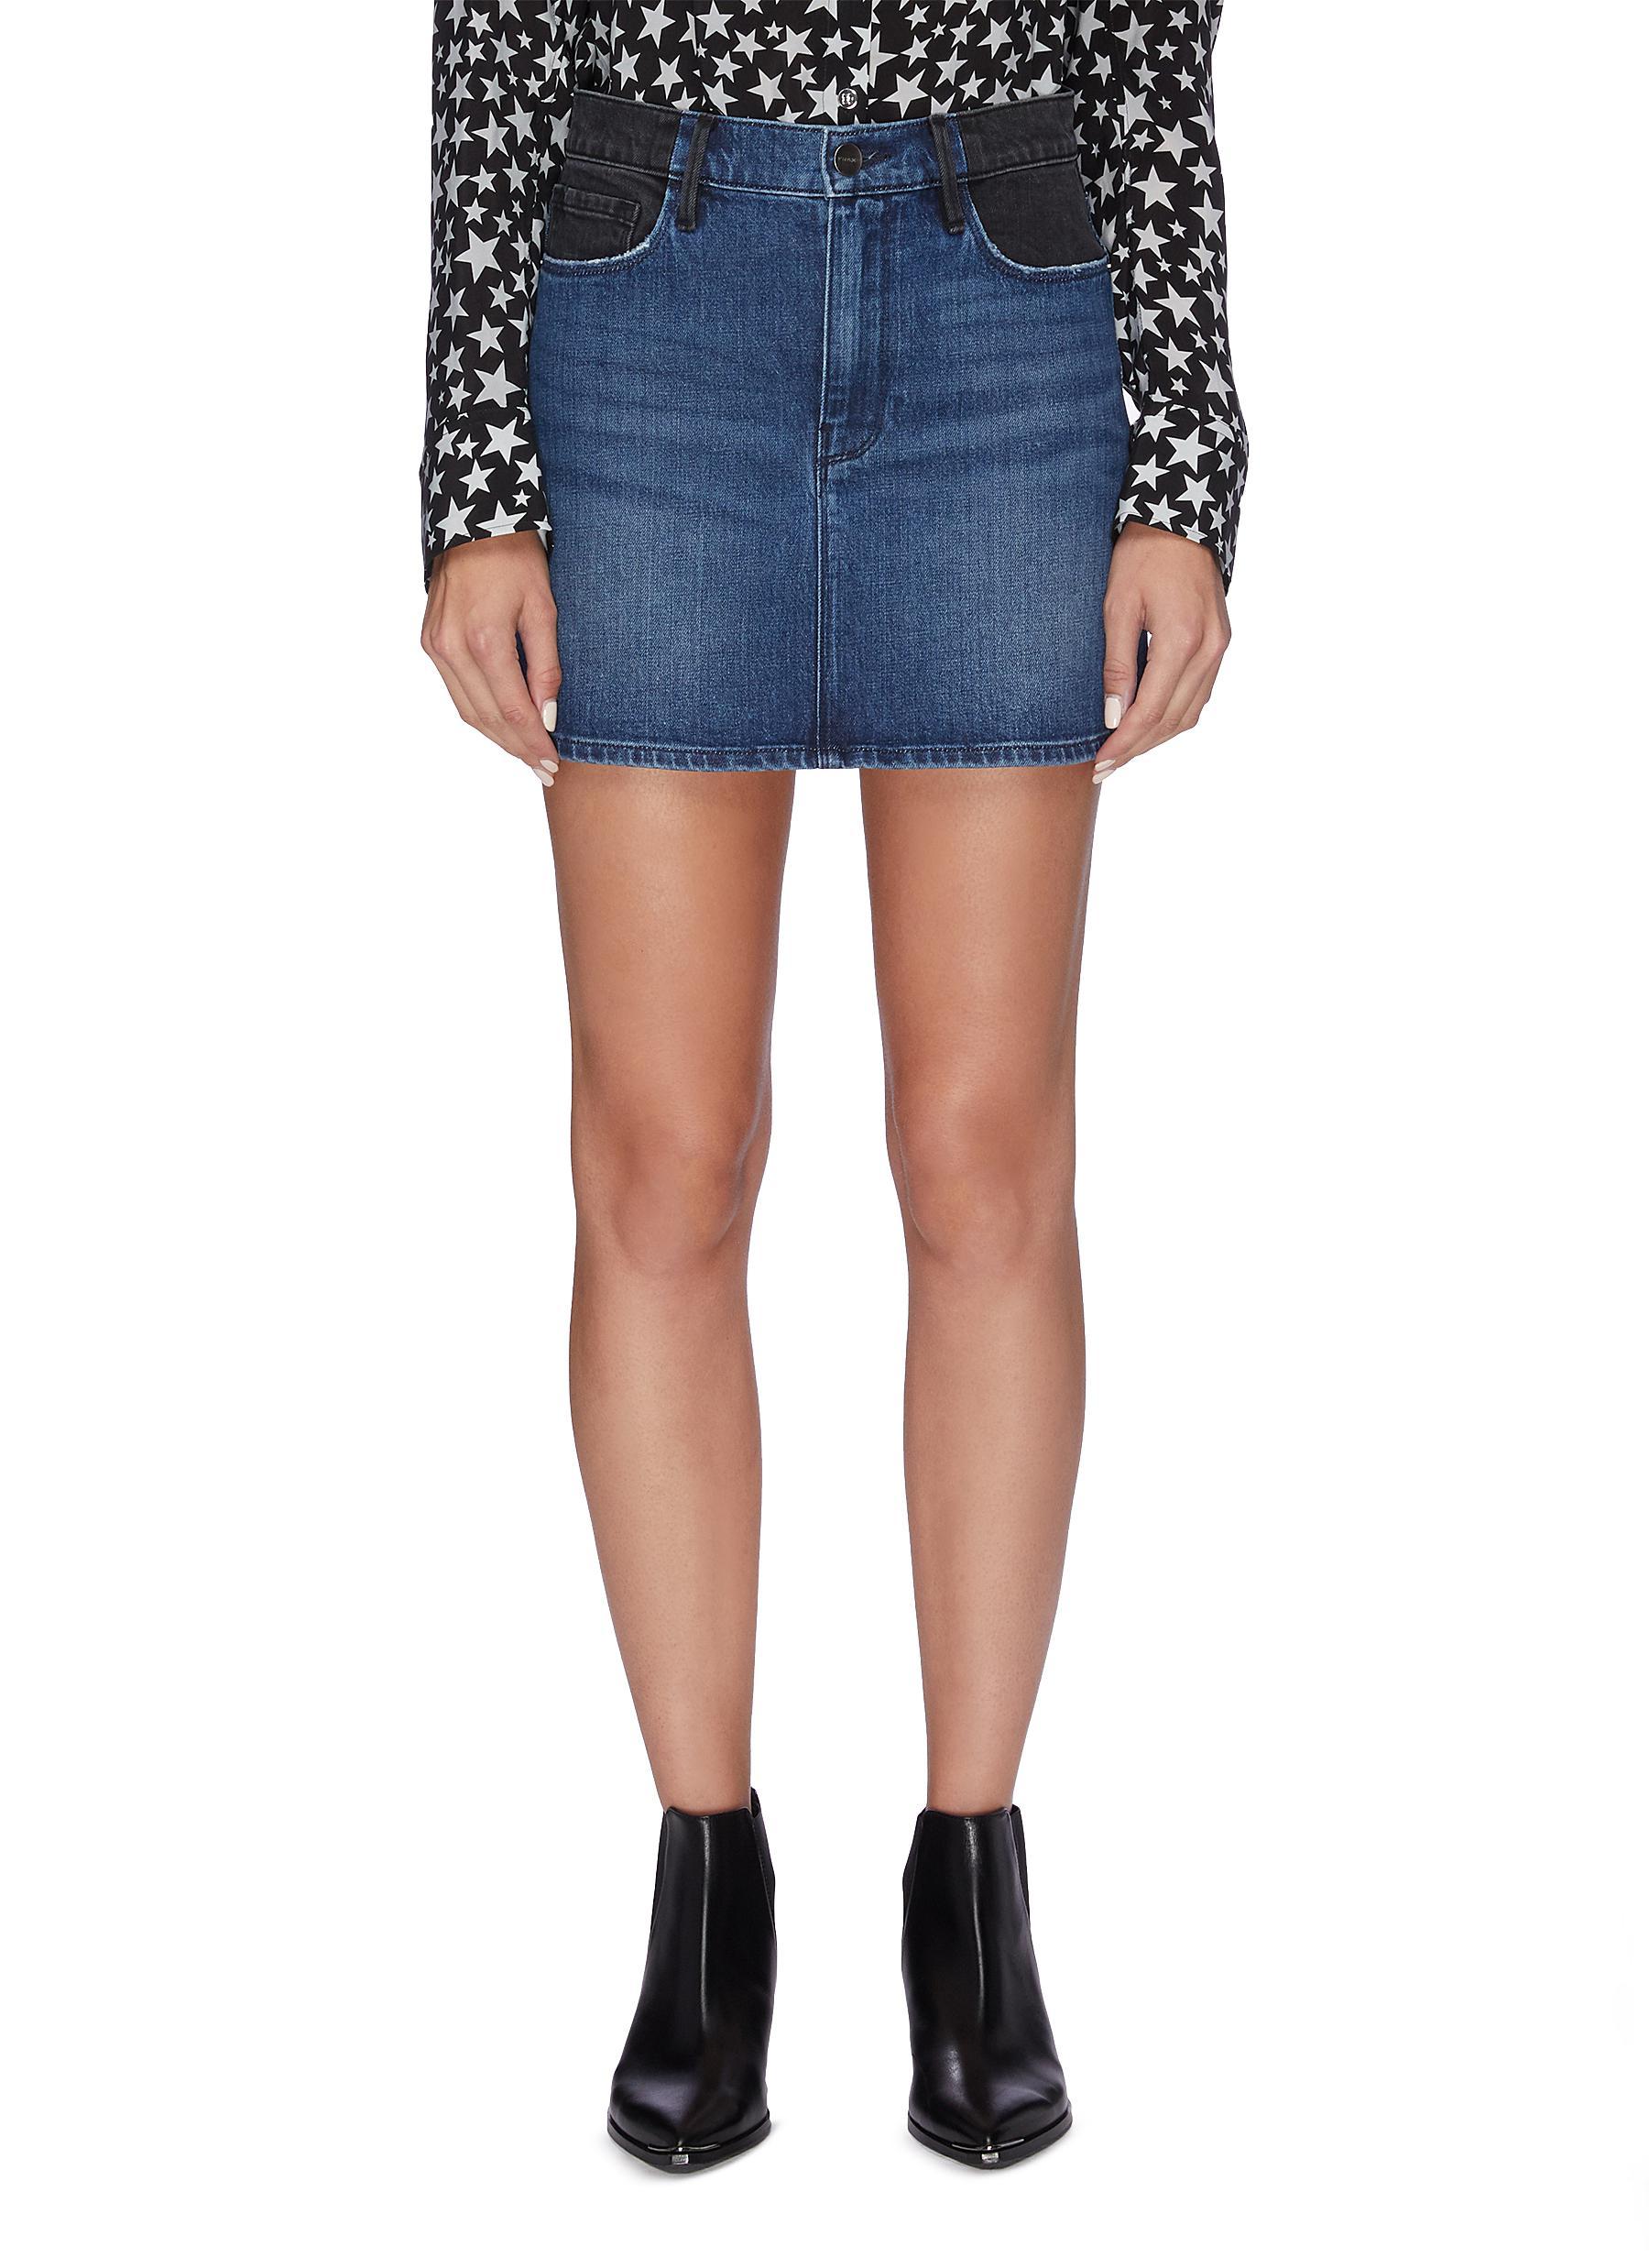 Colourblock denim mini skirt by Frame Denim